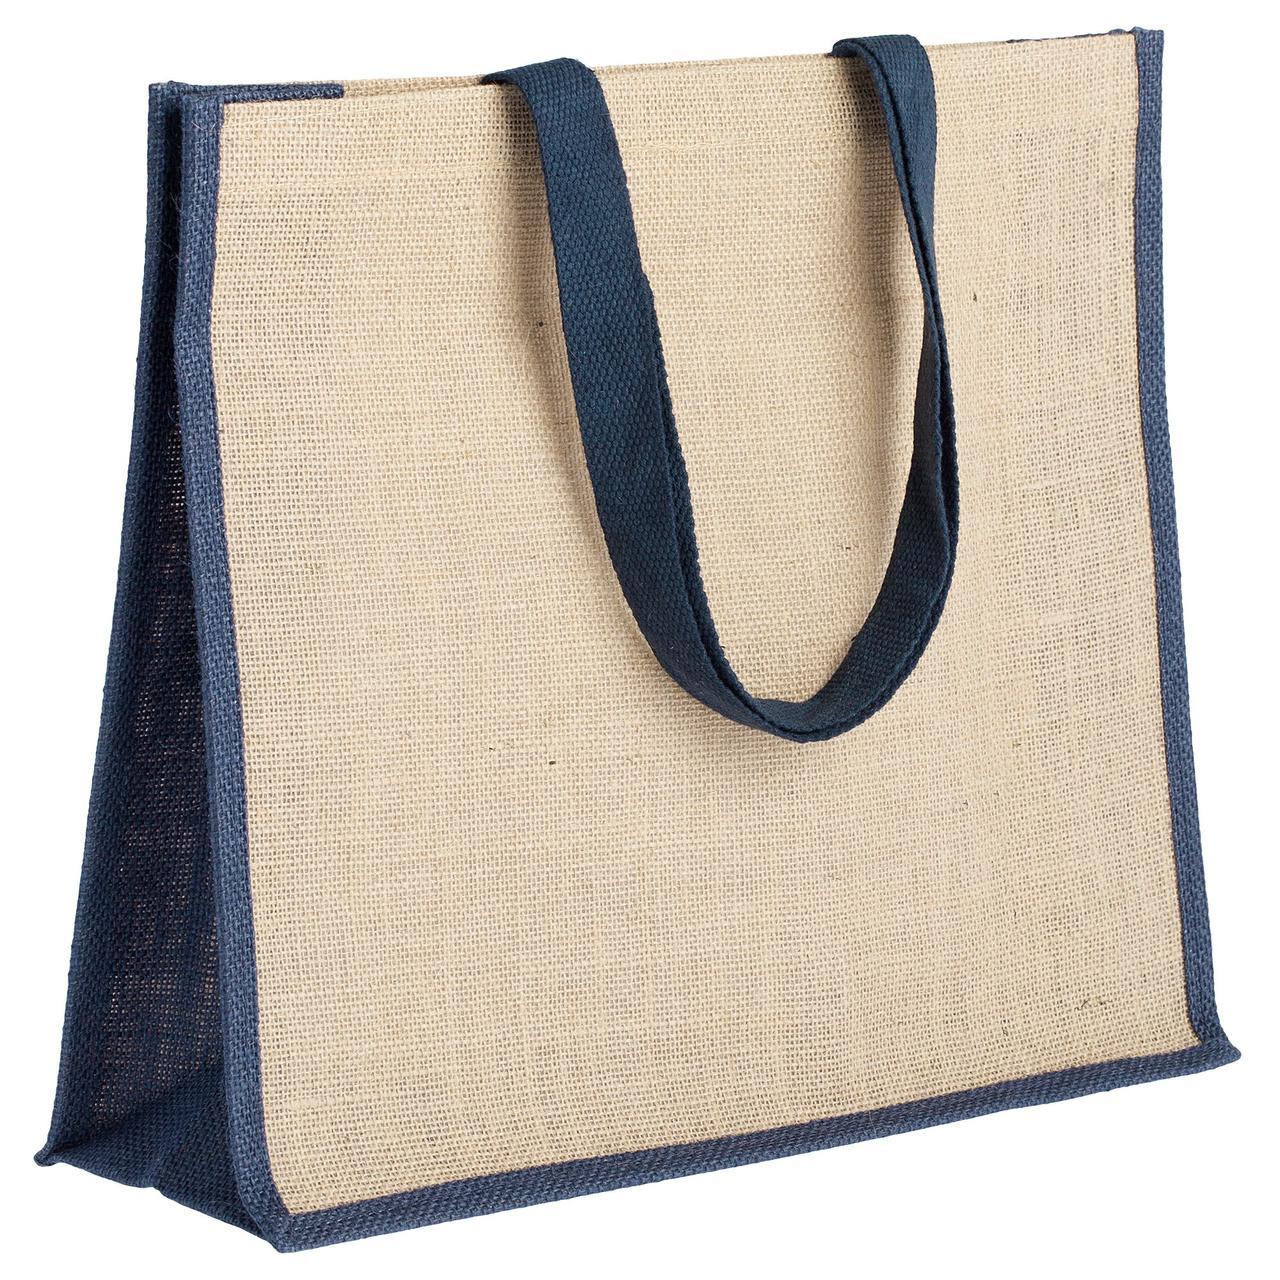 Холщовая сумка для покупок Bagari с синей отделкой (артикул 4866.40)